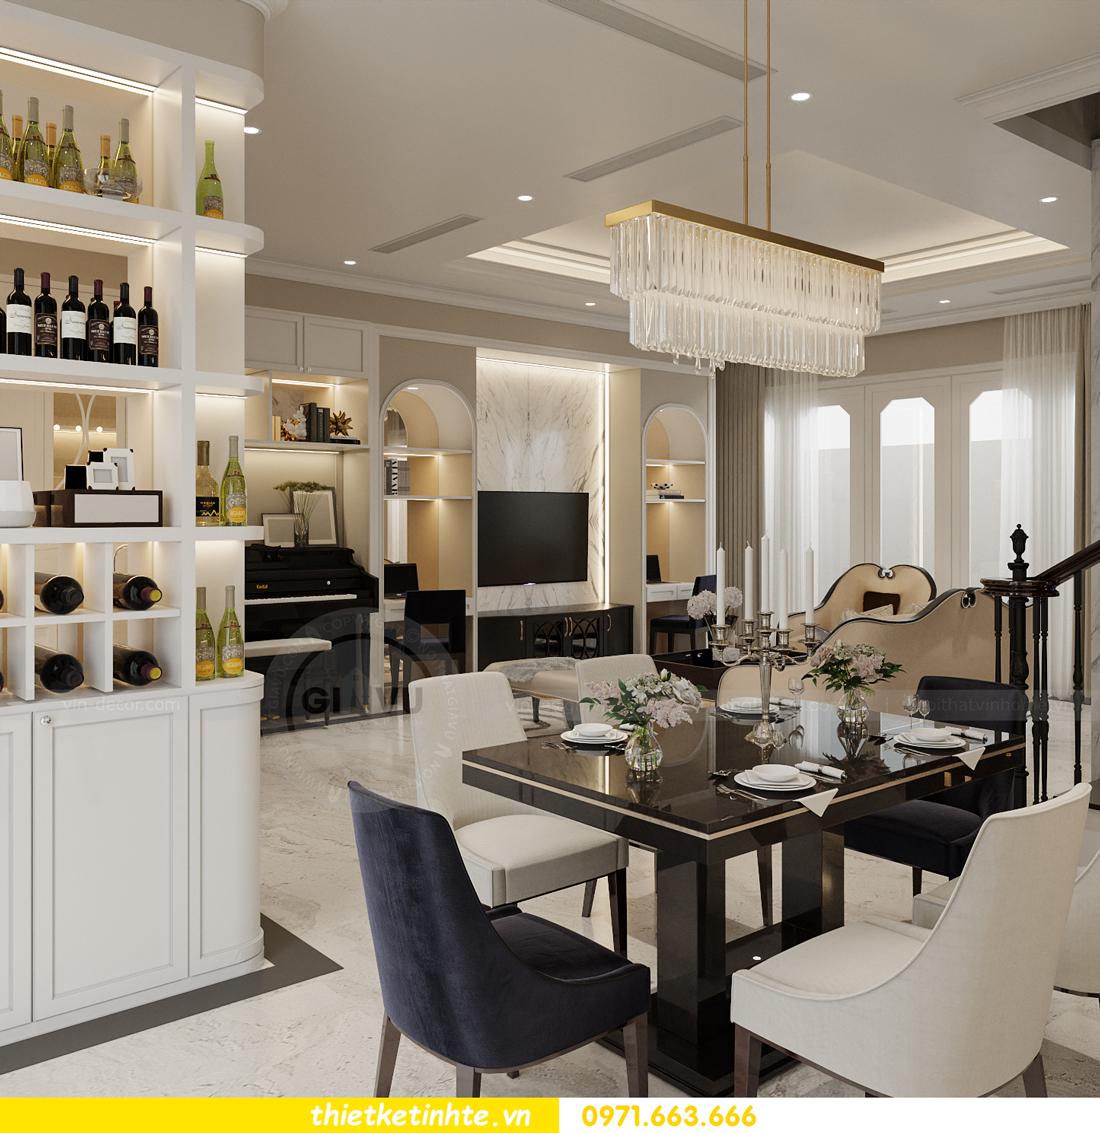 Thiết kế nội thất biệt thự Sao Biển 02-29 Ocean Park căn 90m2 5